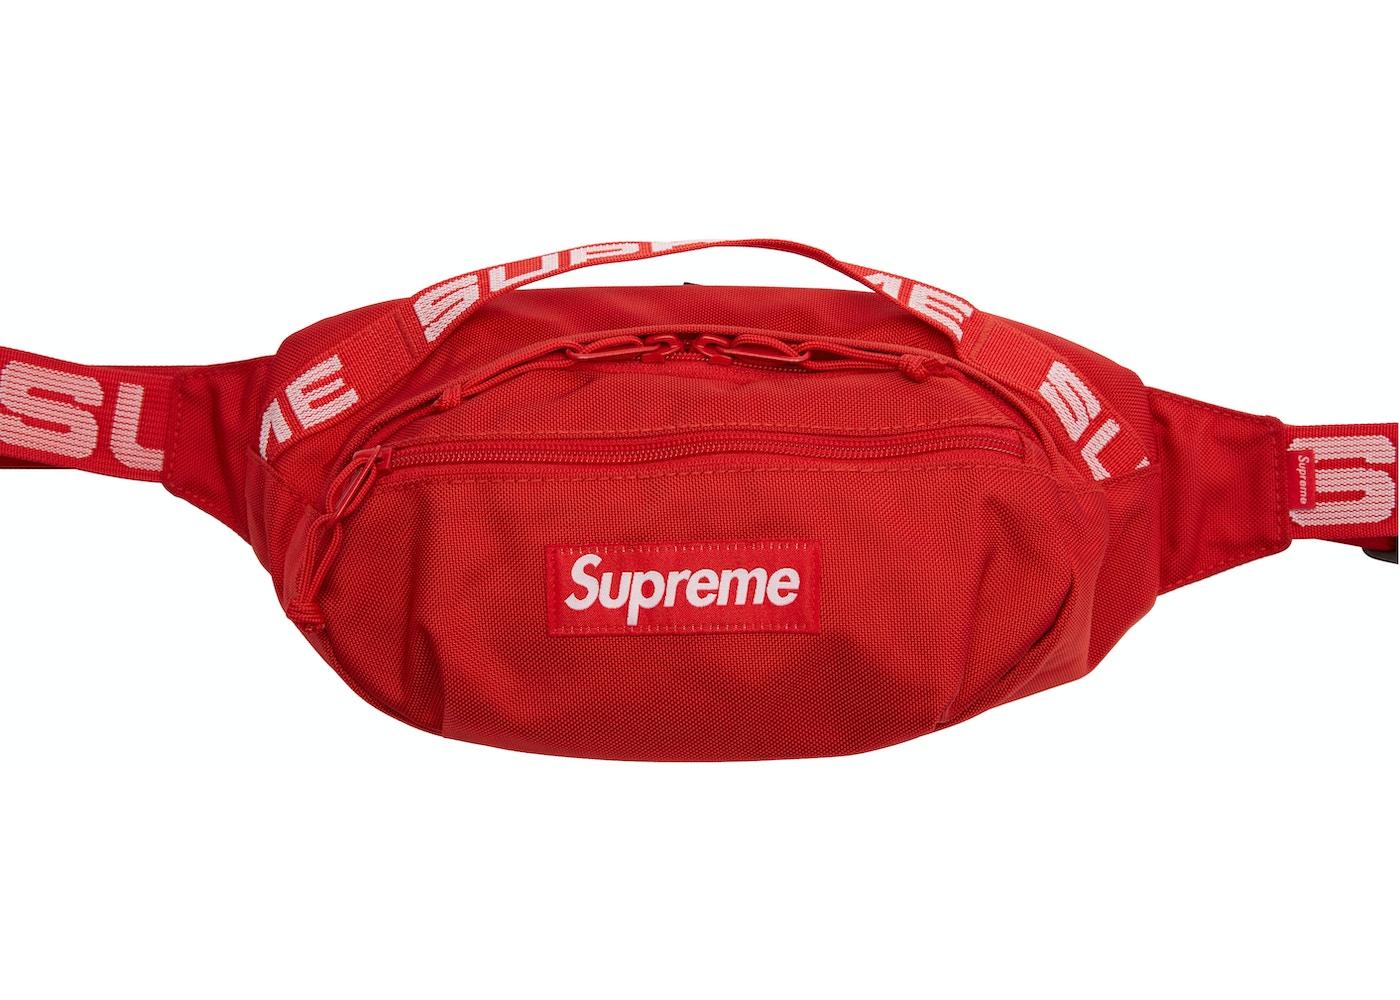 0fa3a9d2e6 Streetwear - Supreme Bags - Price Premium